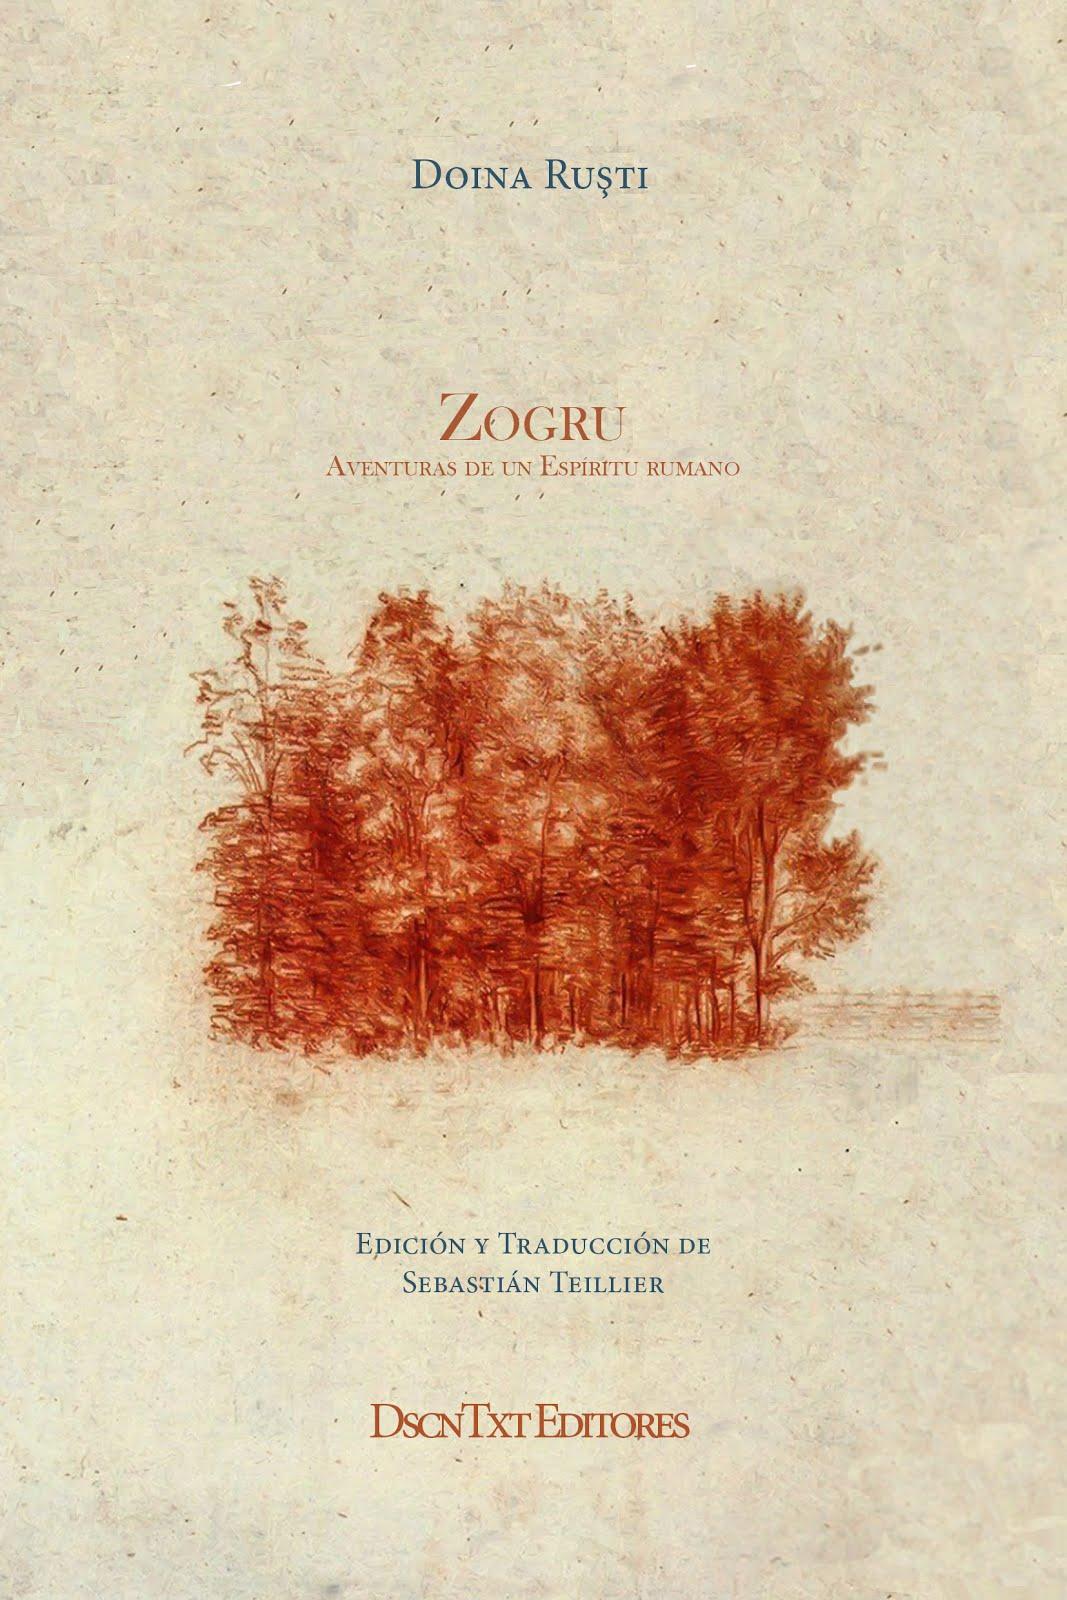 Zogru (Aventuras de un espíritu rumano), de Doina Ruşti. Traducción de Sebastián Teillier